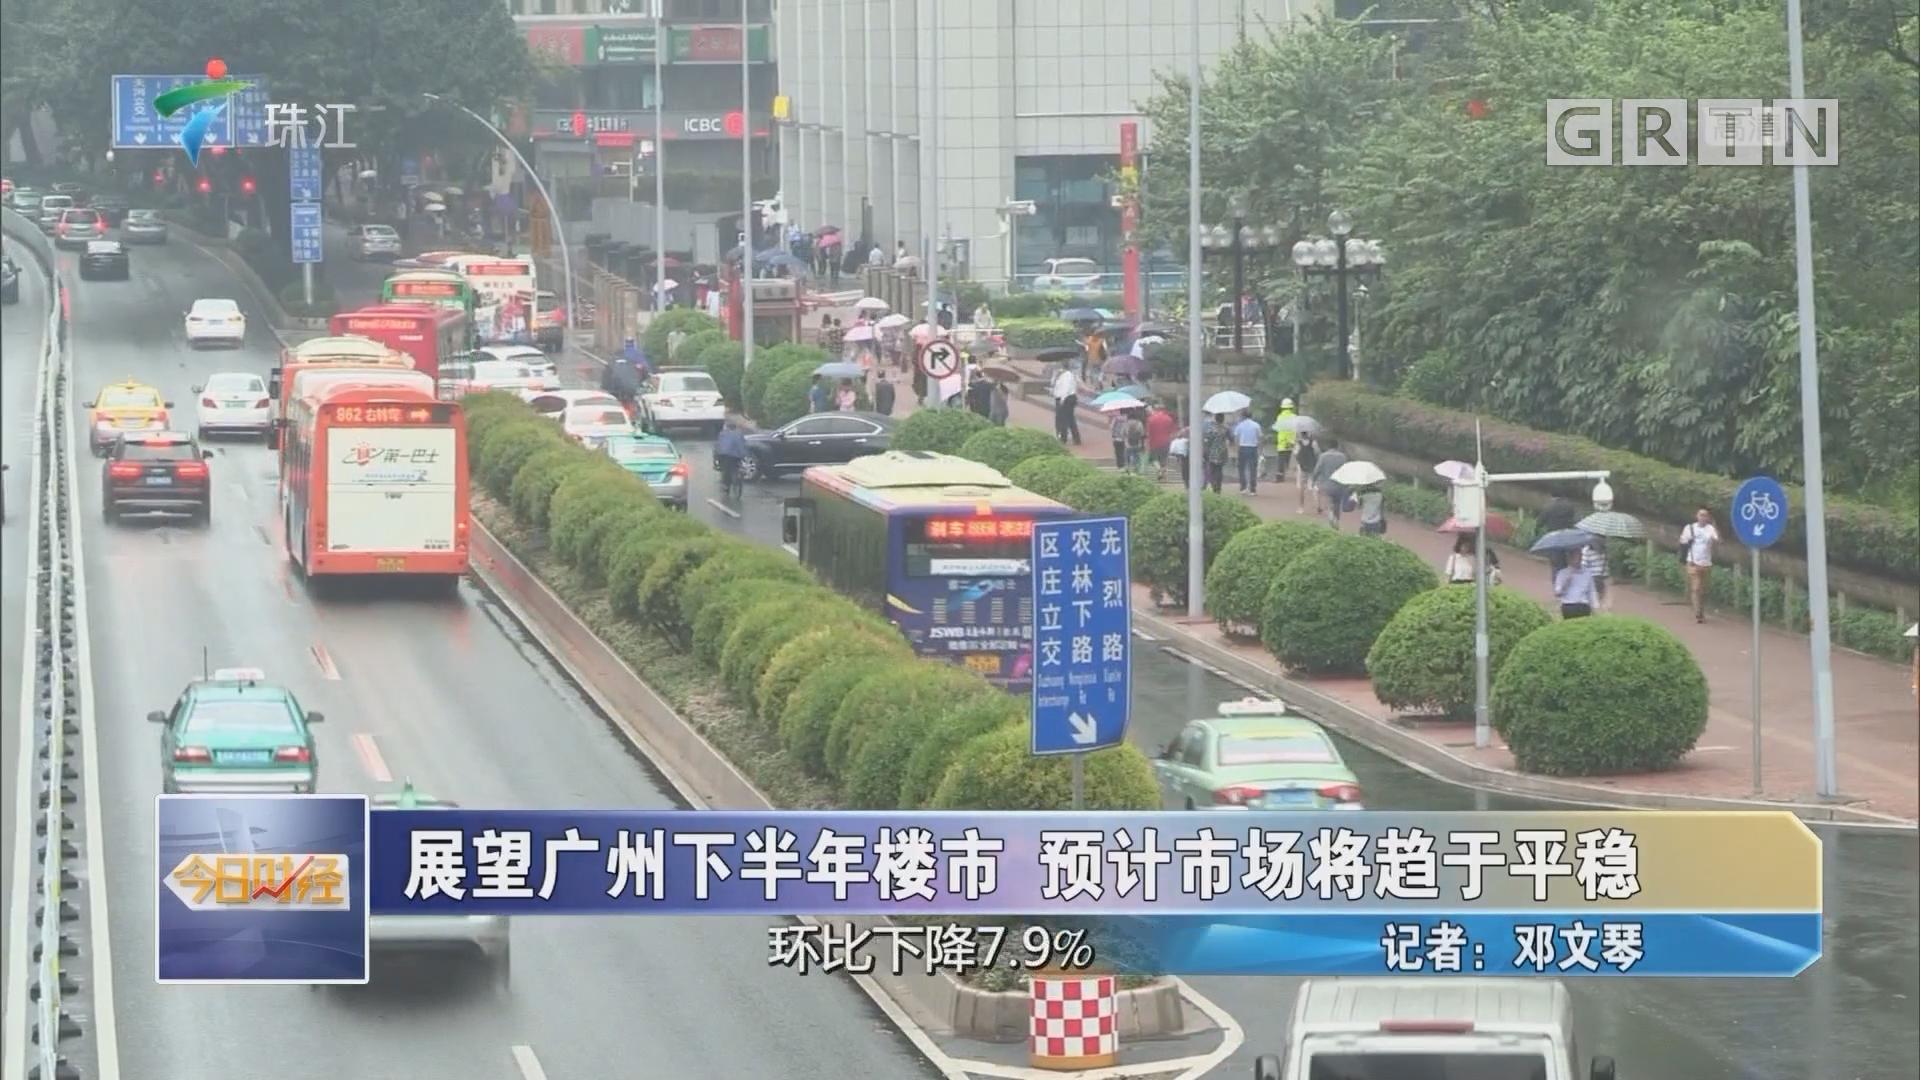 展望广州下半年楼市 预计市场将趋于平稳